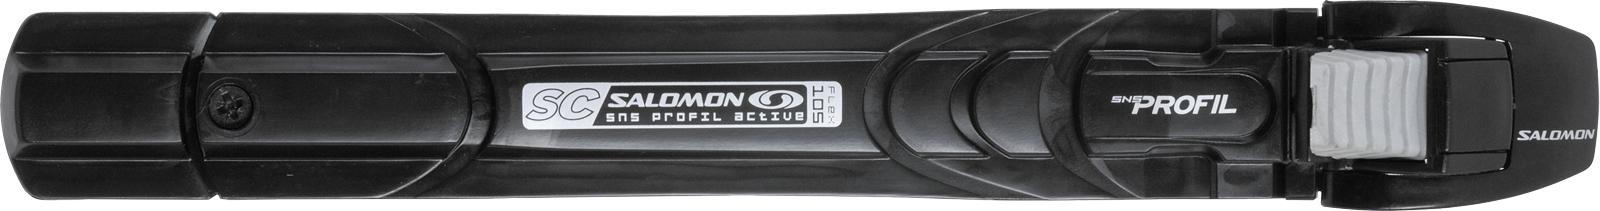 lyžařské vázání SALOMON sns profil active